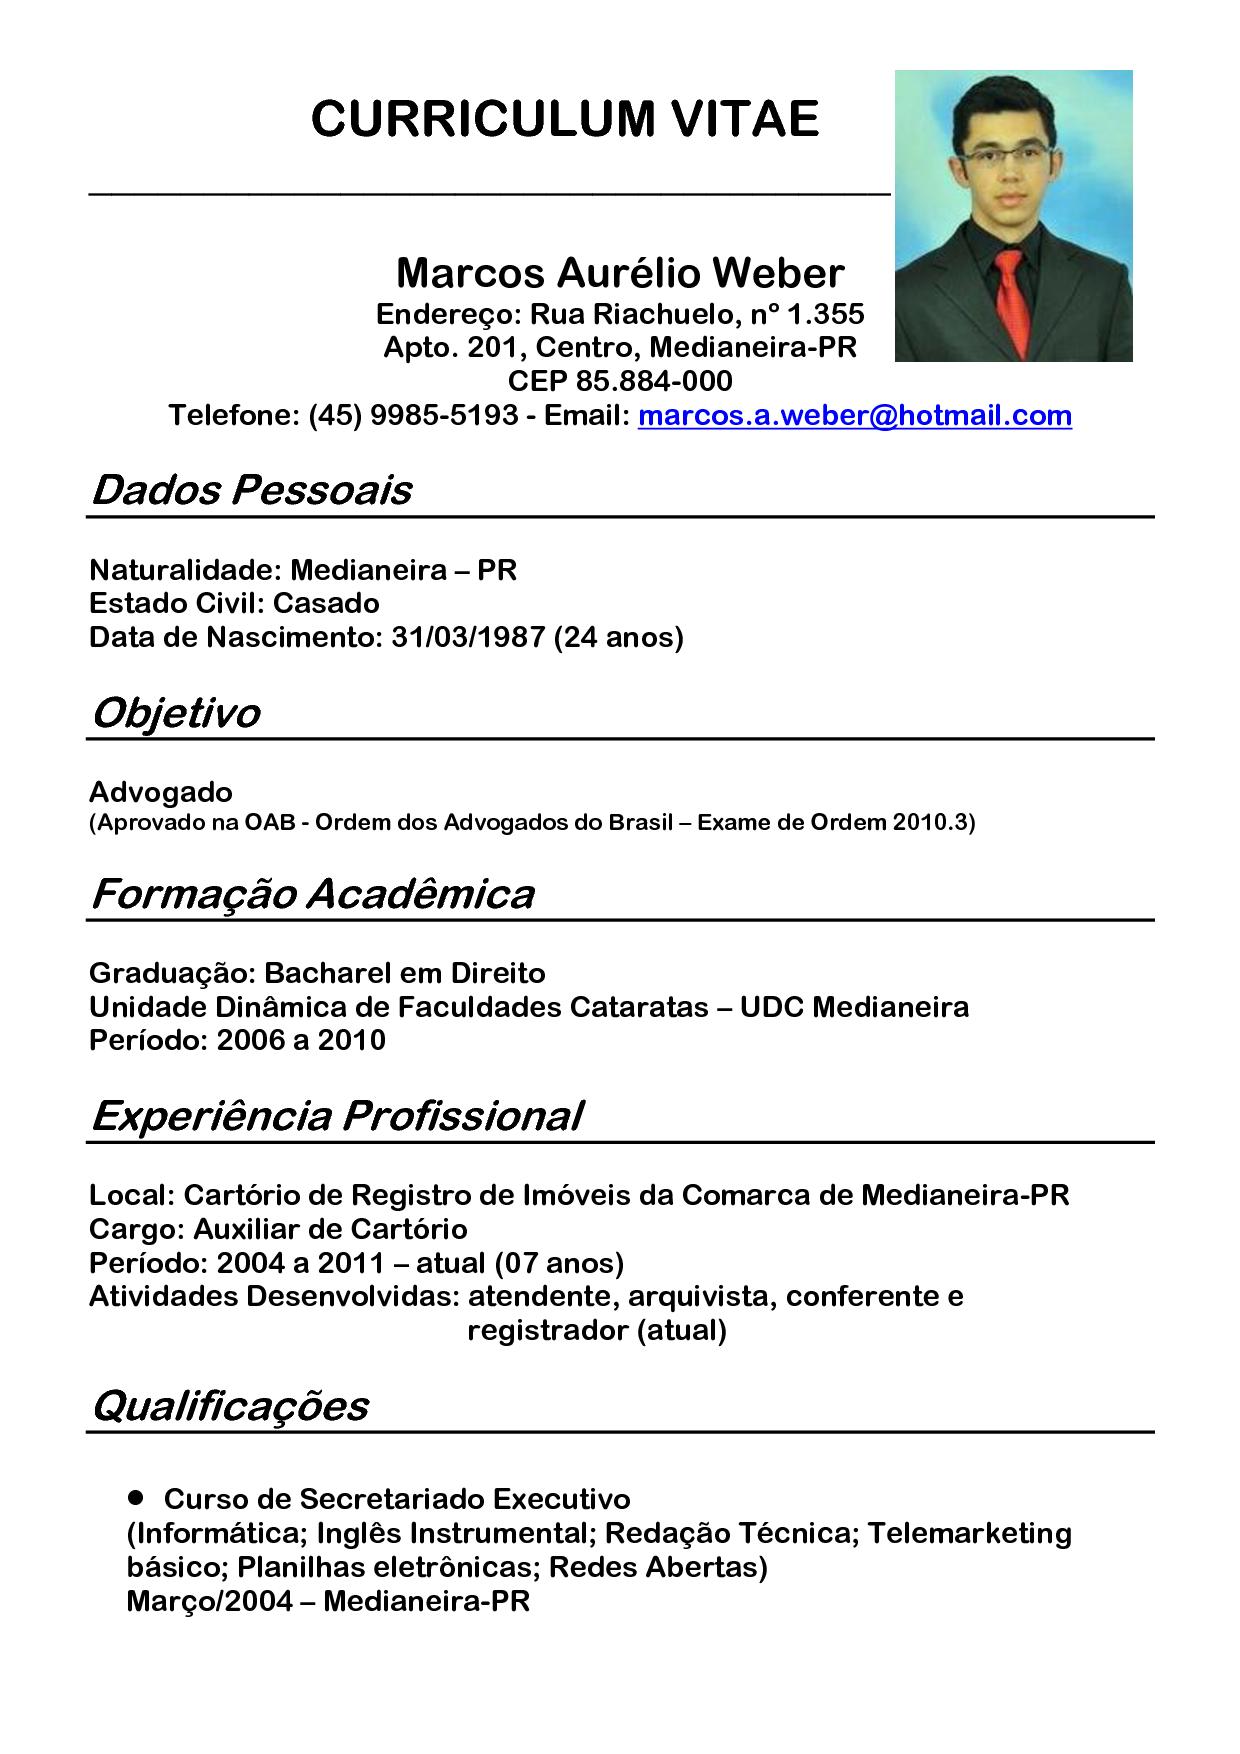 Asombroso Un Formato De Currículum Básico Componente - Colección De ...